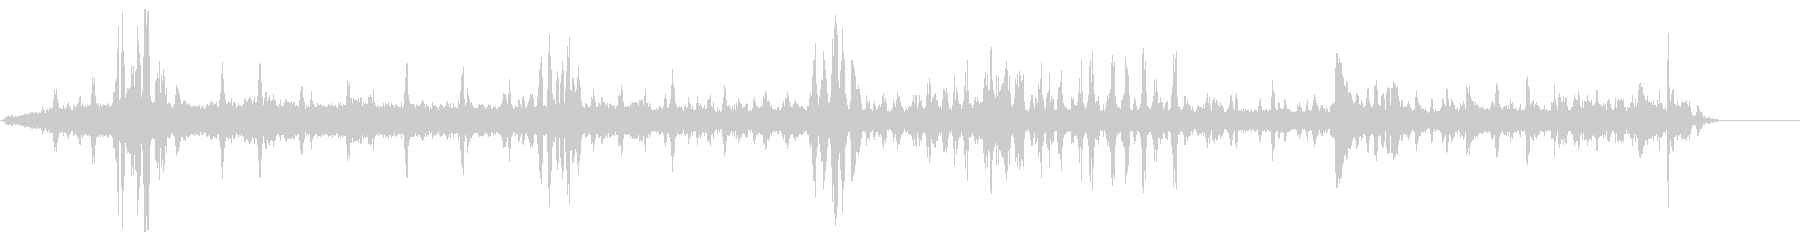 バーズアンドホースパークの未再生の波形